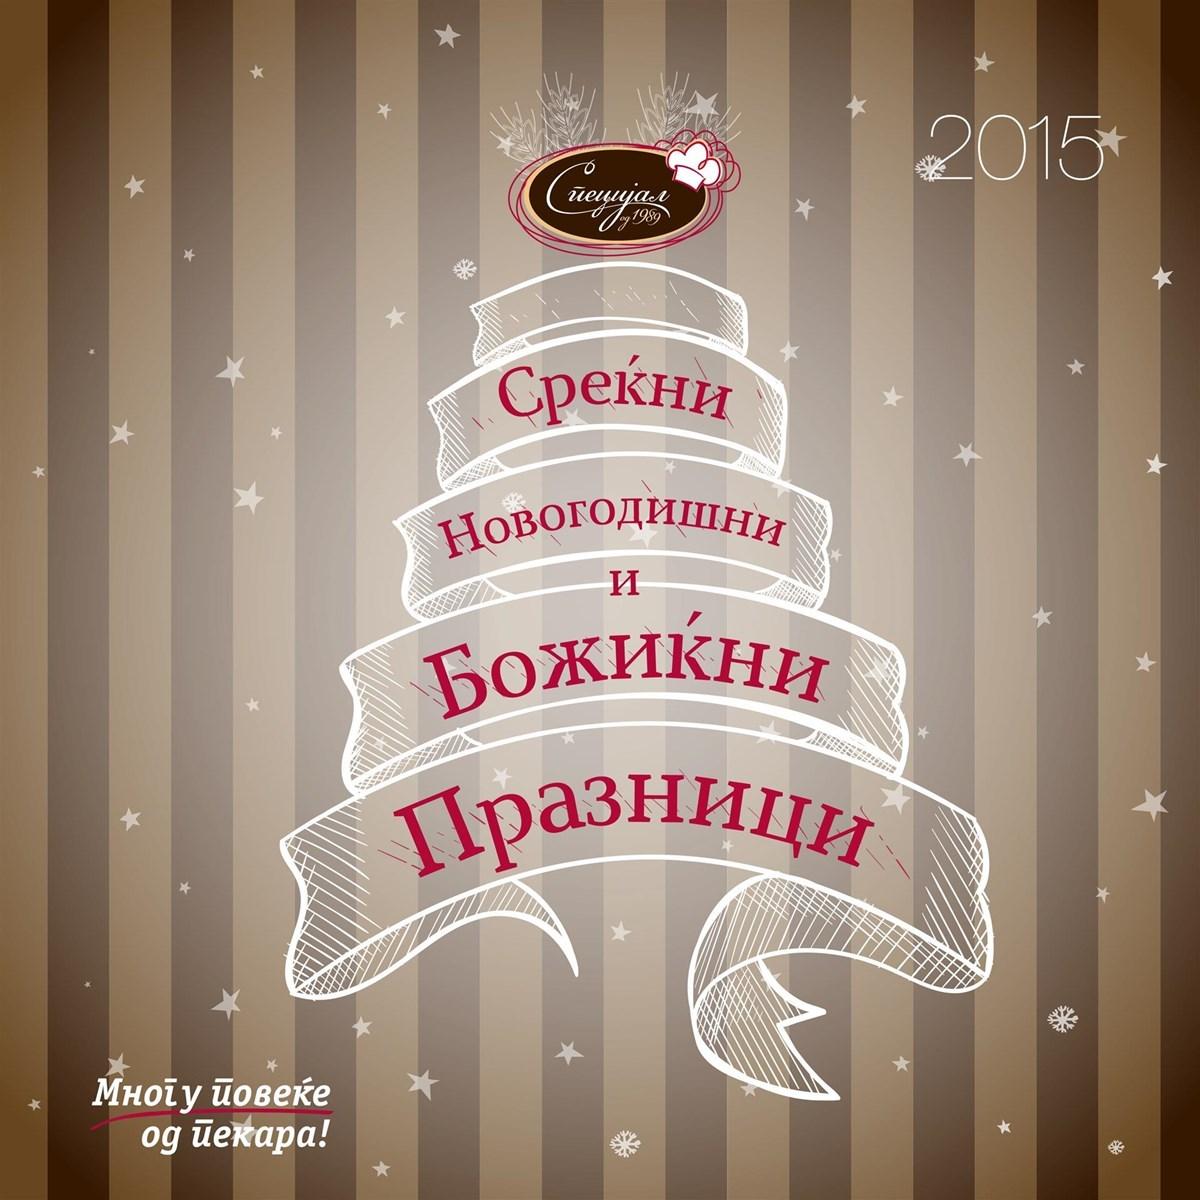 Специјал  ви поскаува Среќни Новогодишни и Божиќни празници